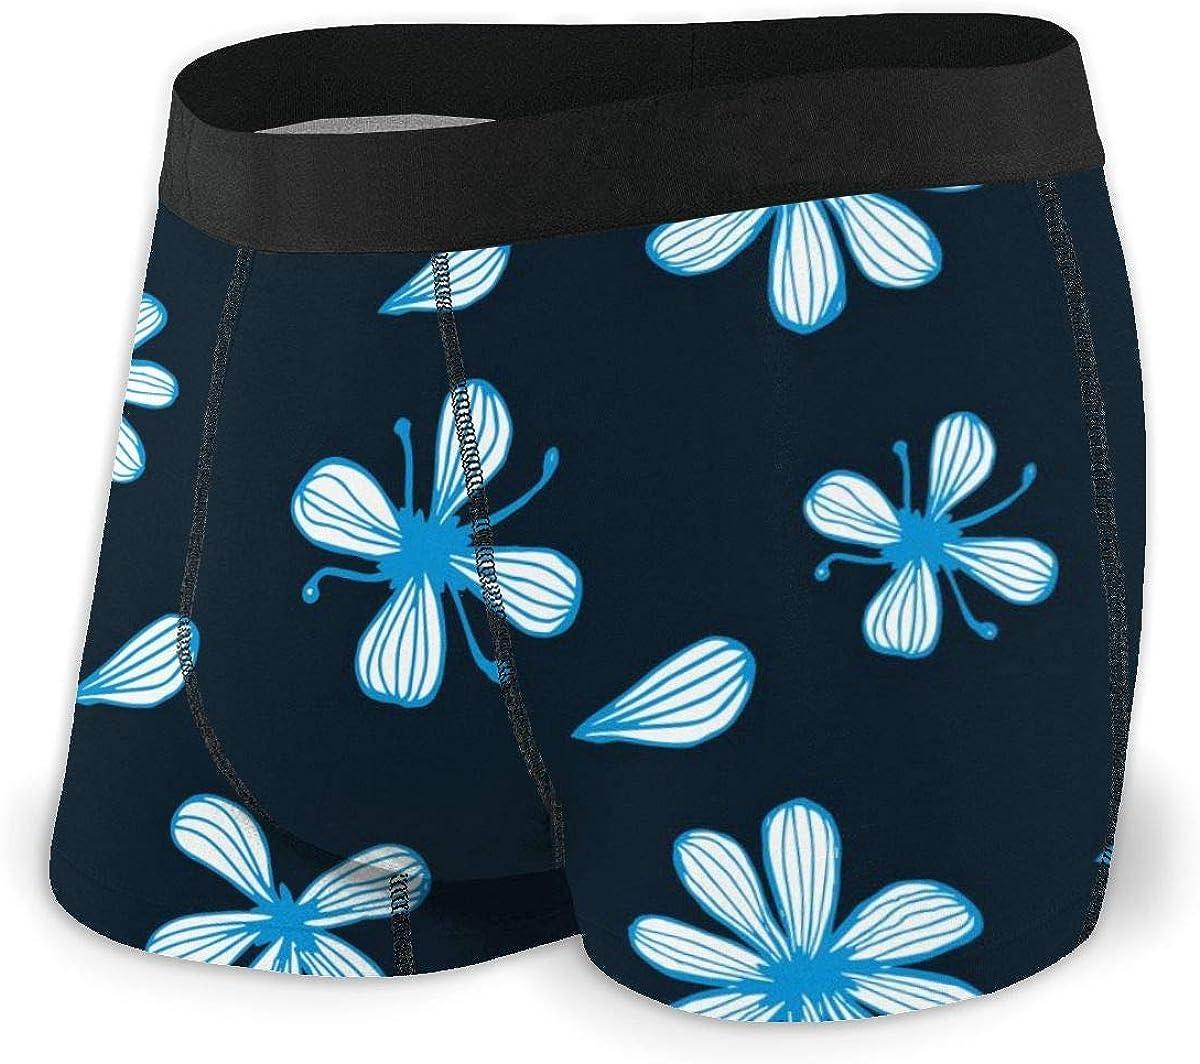 Mens Boxer Briefs Blue Floral Flowers Black Breathable Underwear